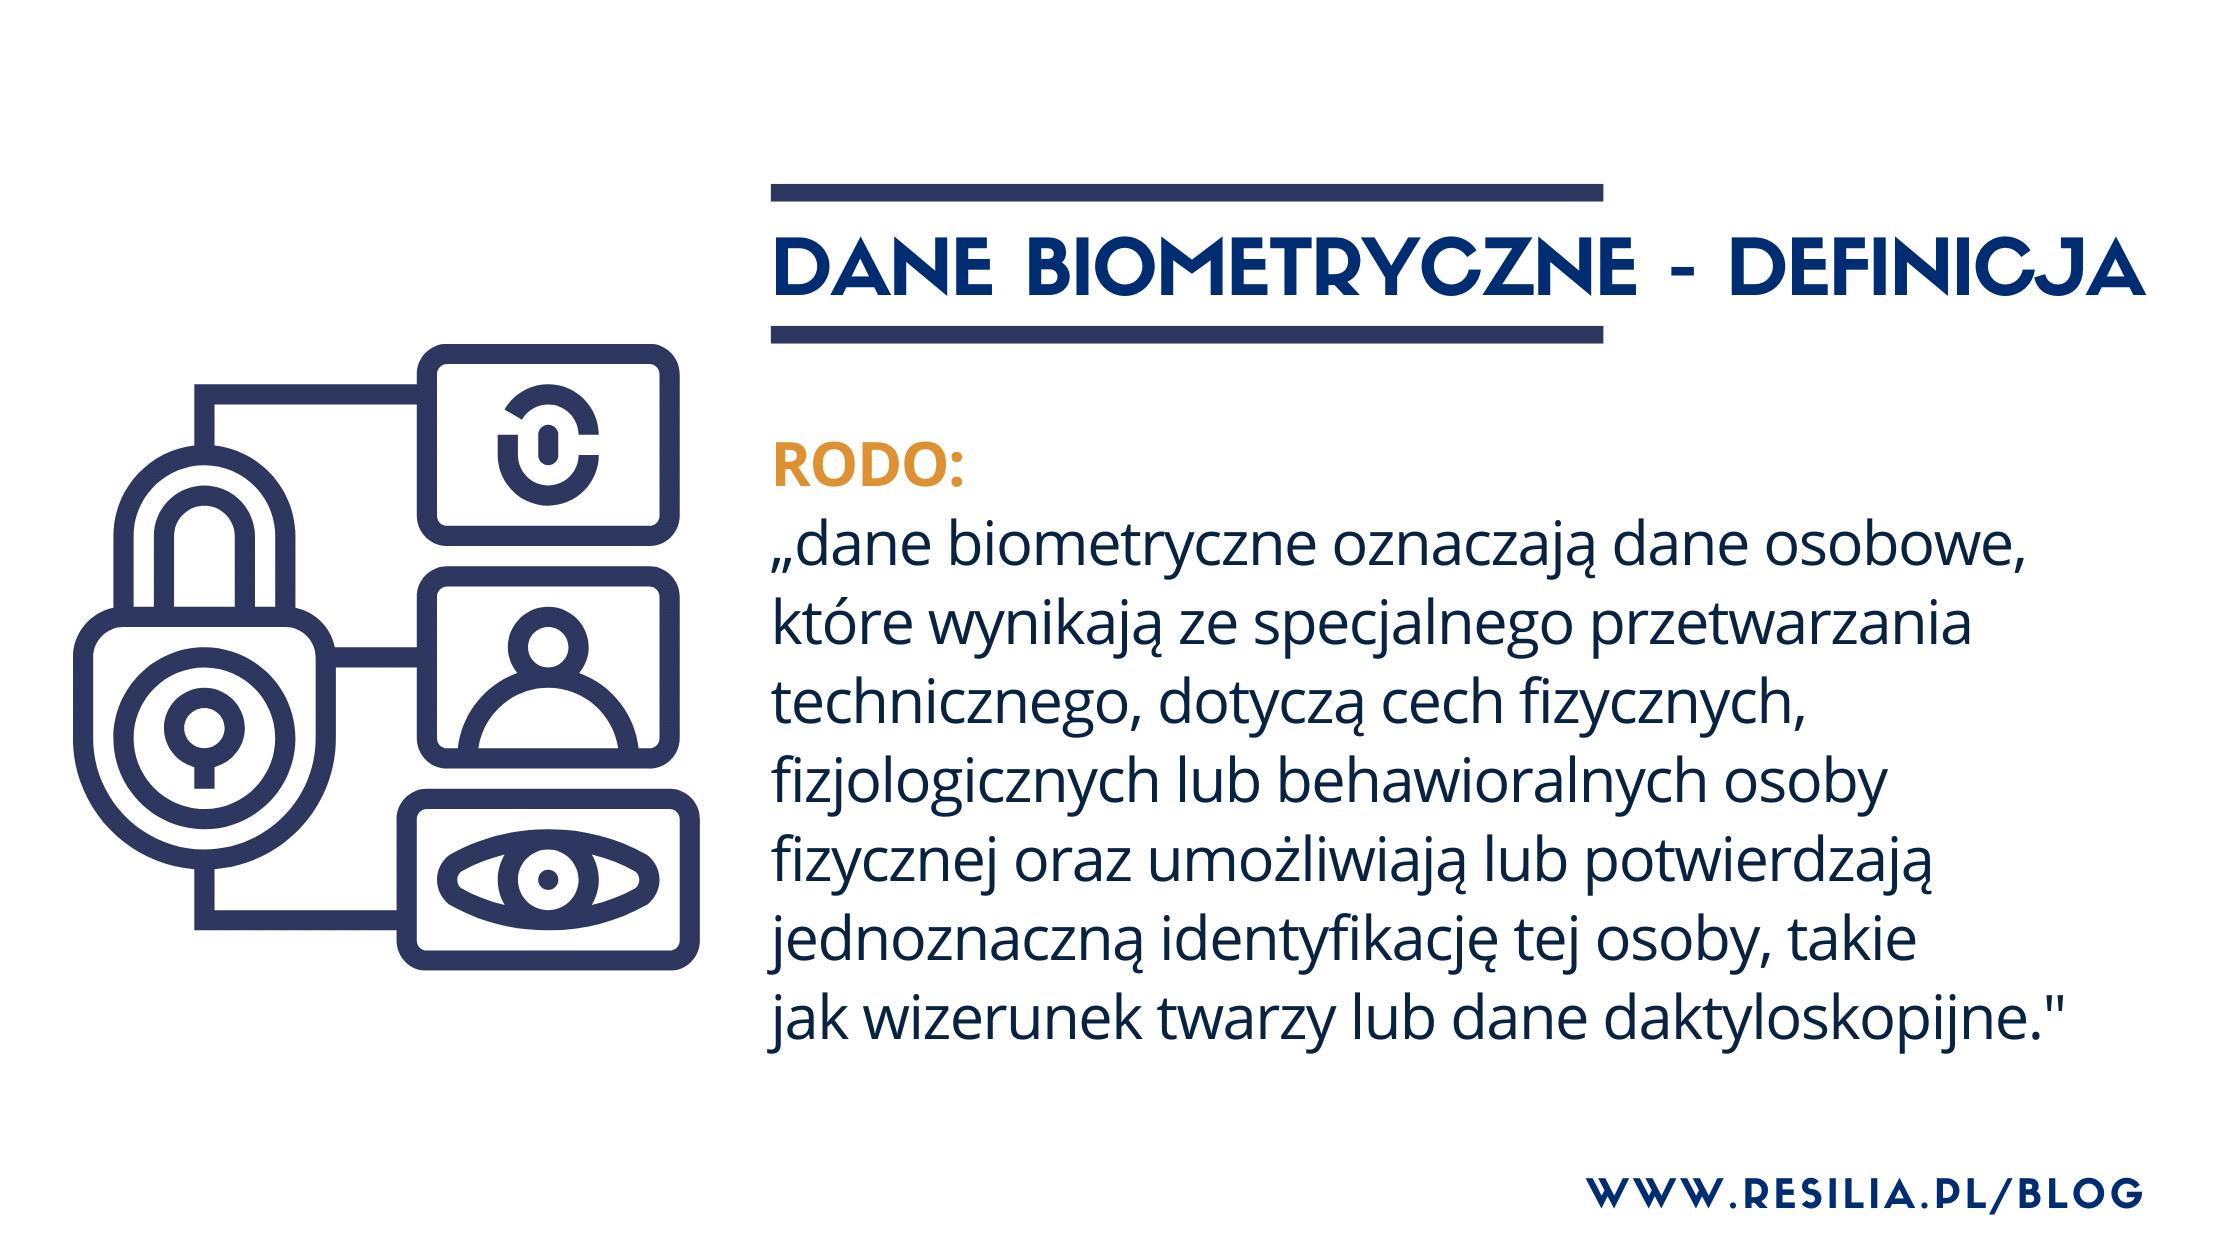 Dane biometryczne - definicja